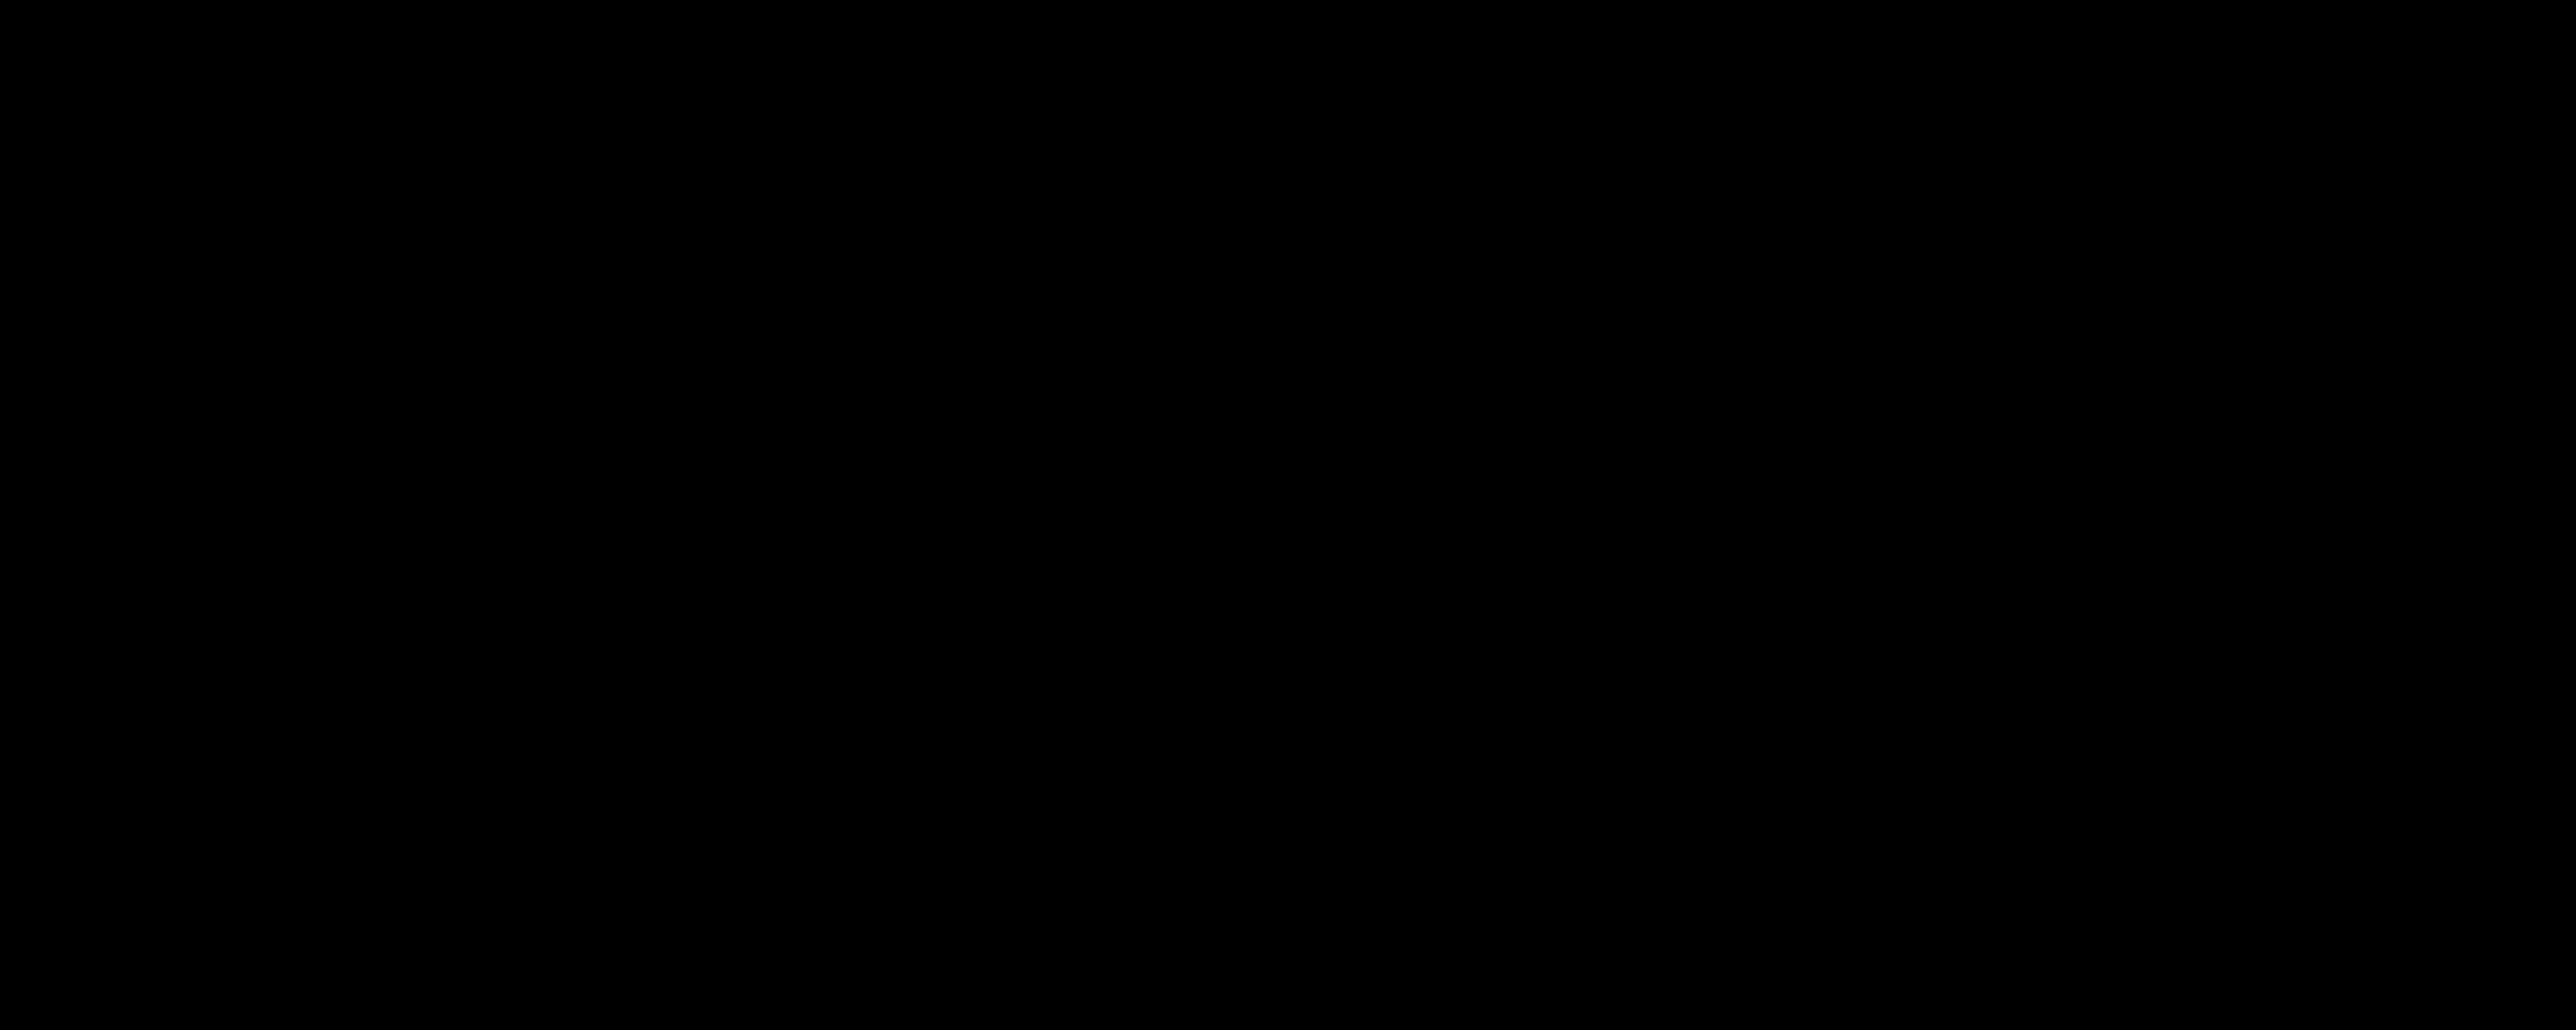 3D Panoramakarte - Pistenplan - Skicenter Velouchi Karpenisi Griechenland